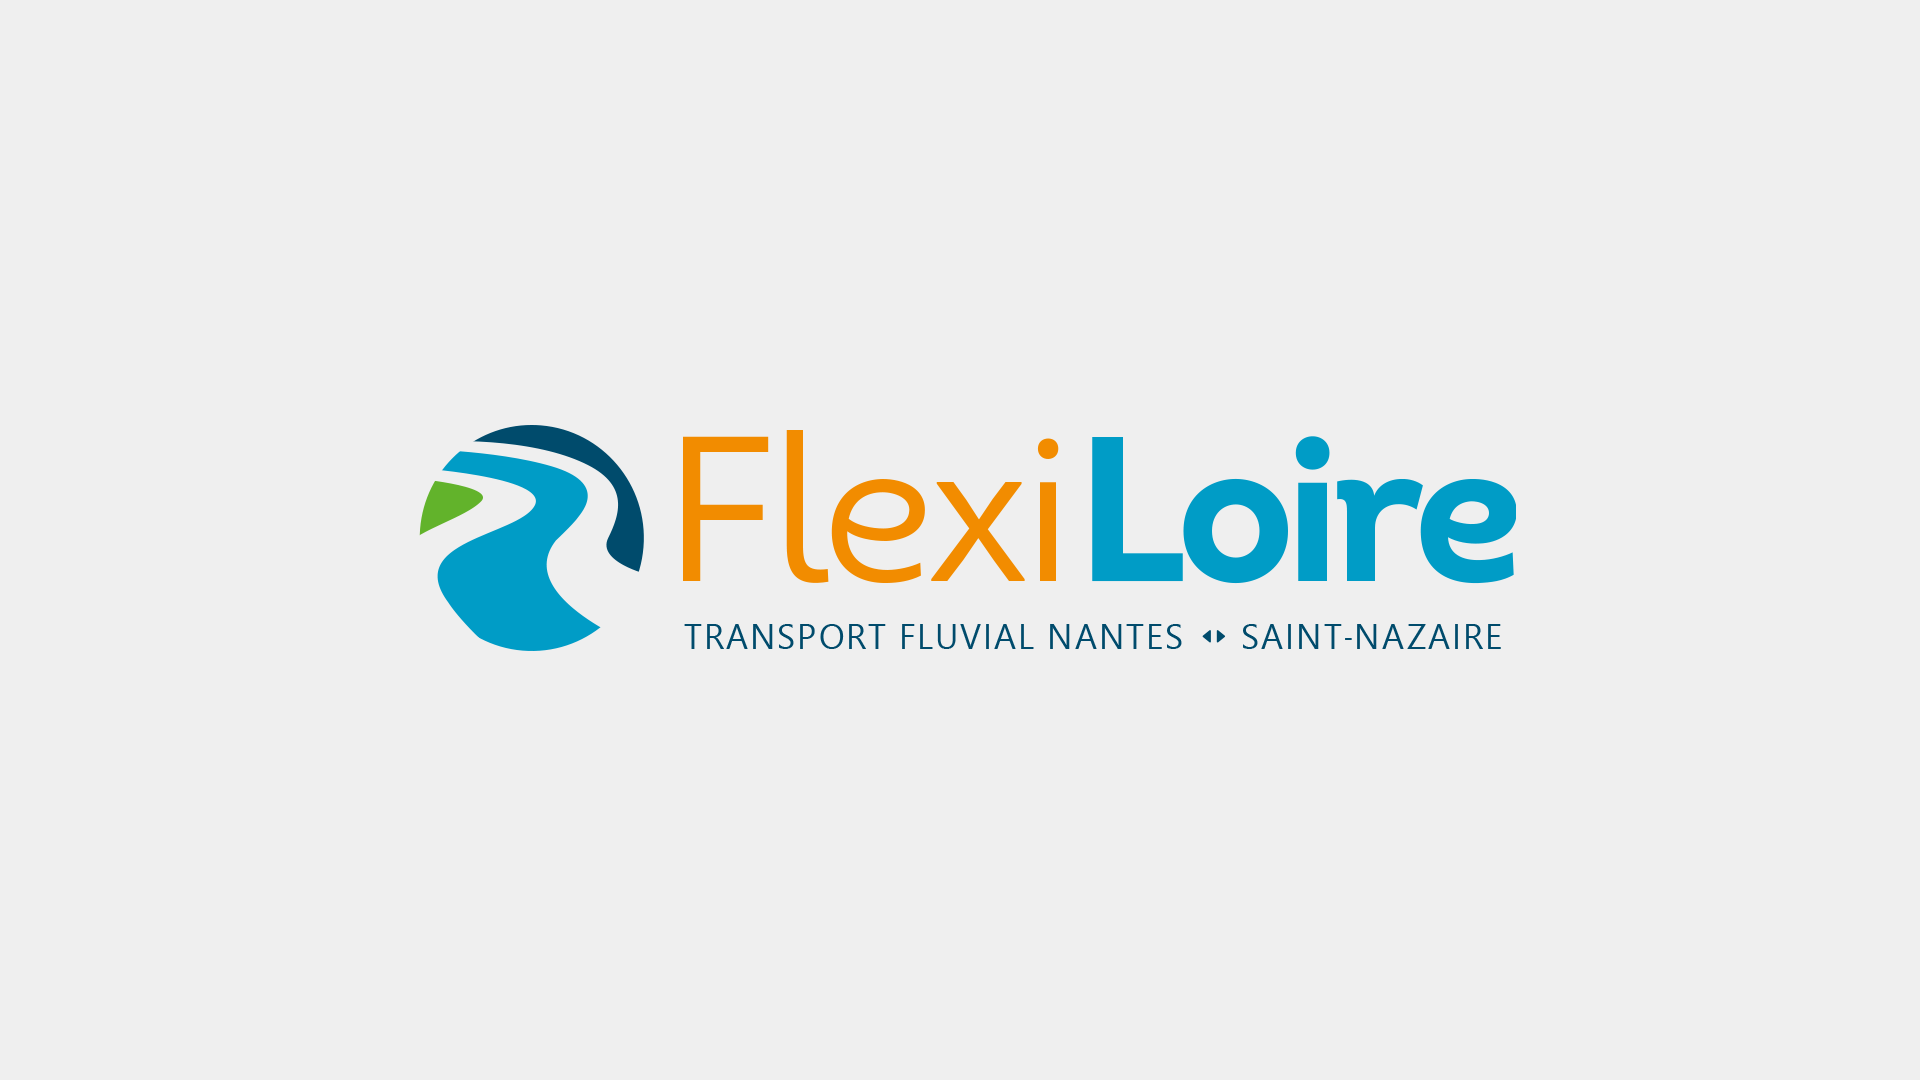 Flexiloire_1920x1080px